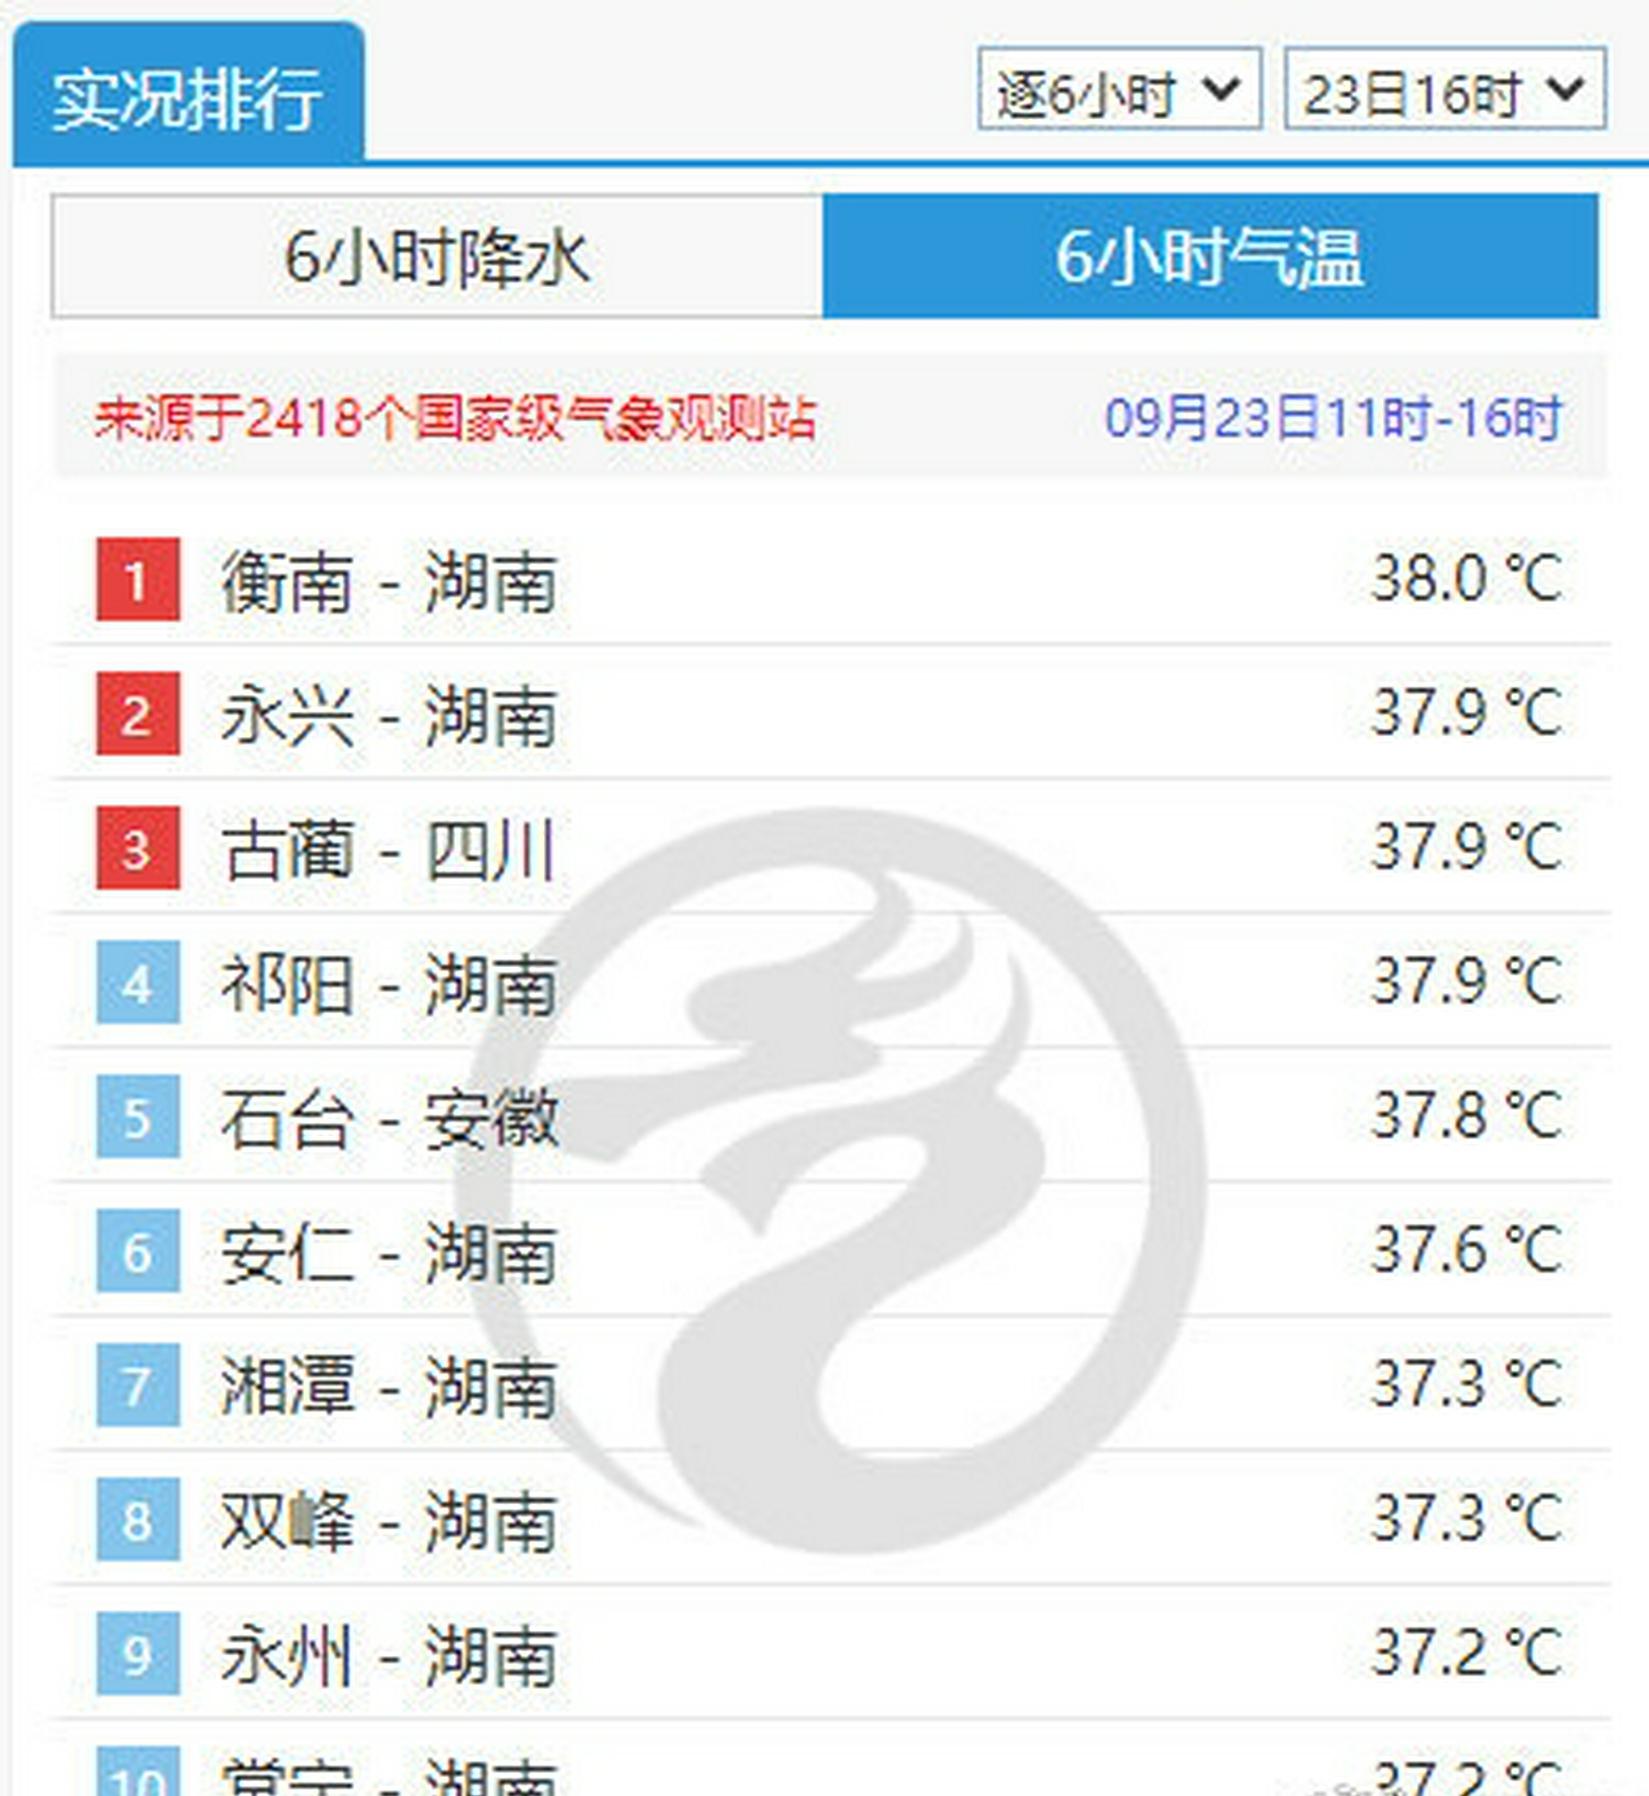 高温可达39℃!湖南多地发布橙色预警,国庆啥天气?